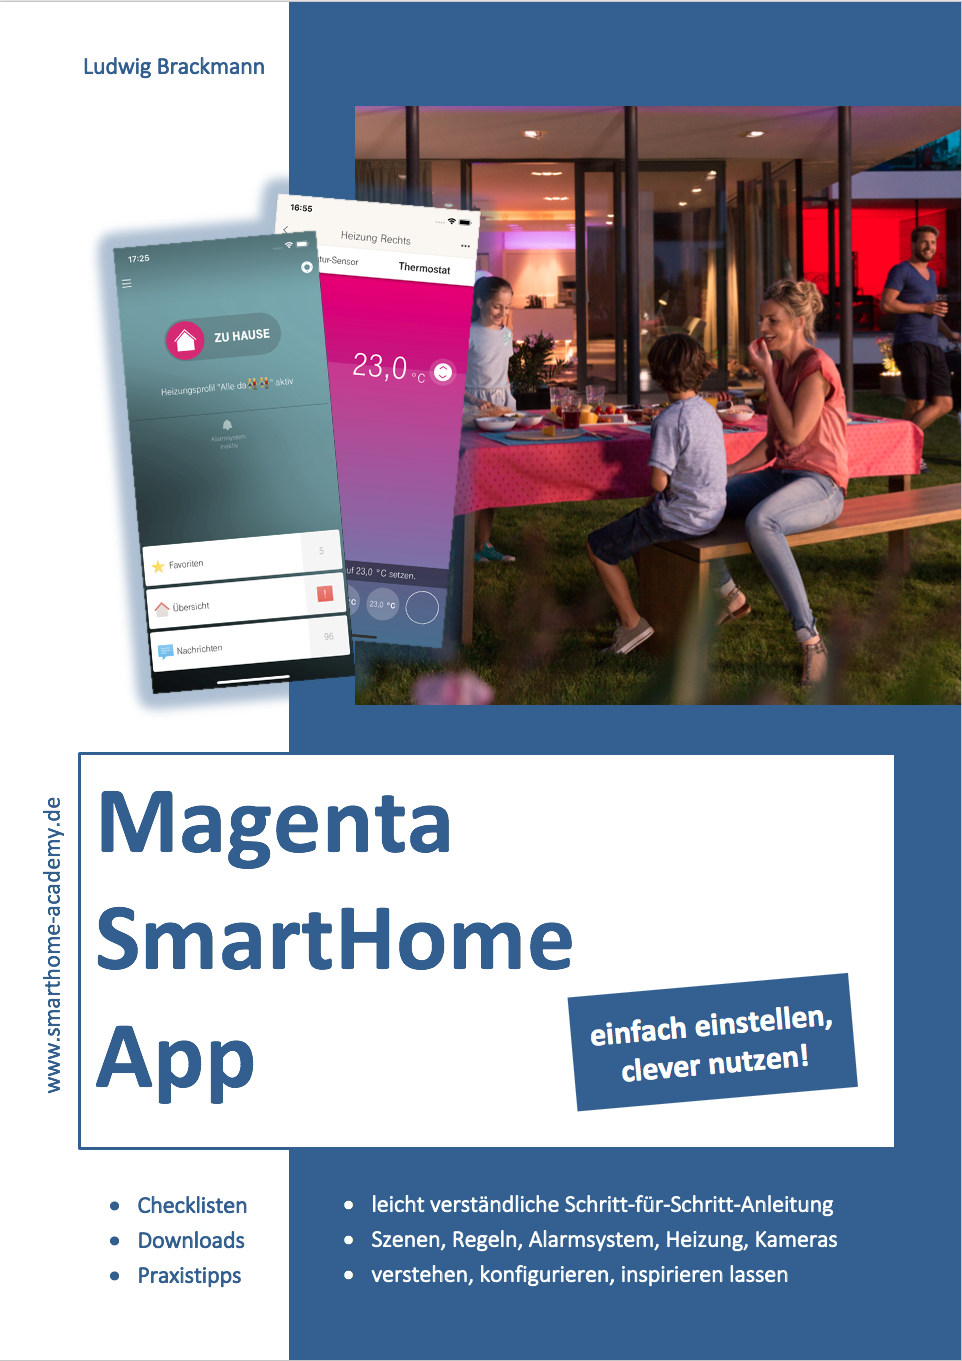 Magenta SmartHome App. Richtig einstellen, clever nutzen!